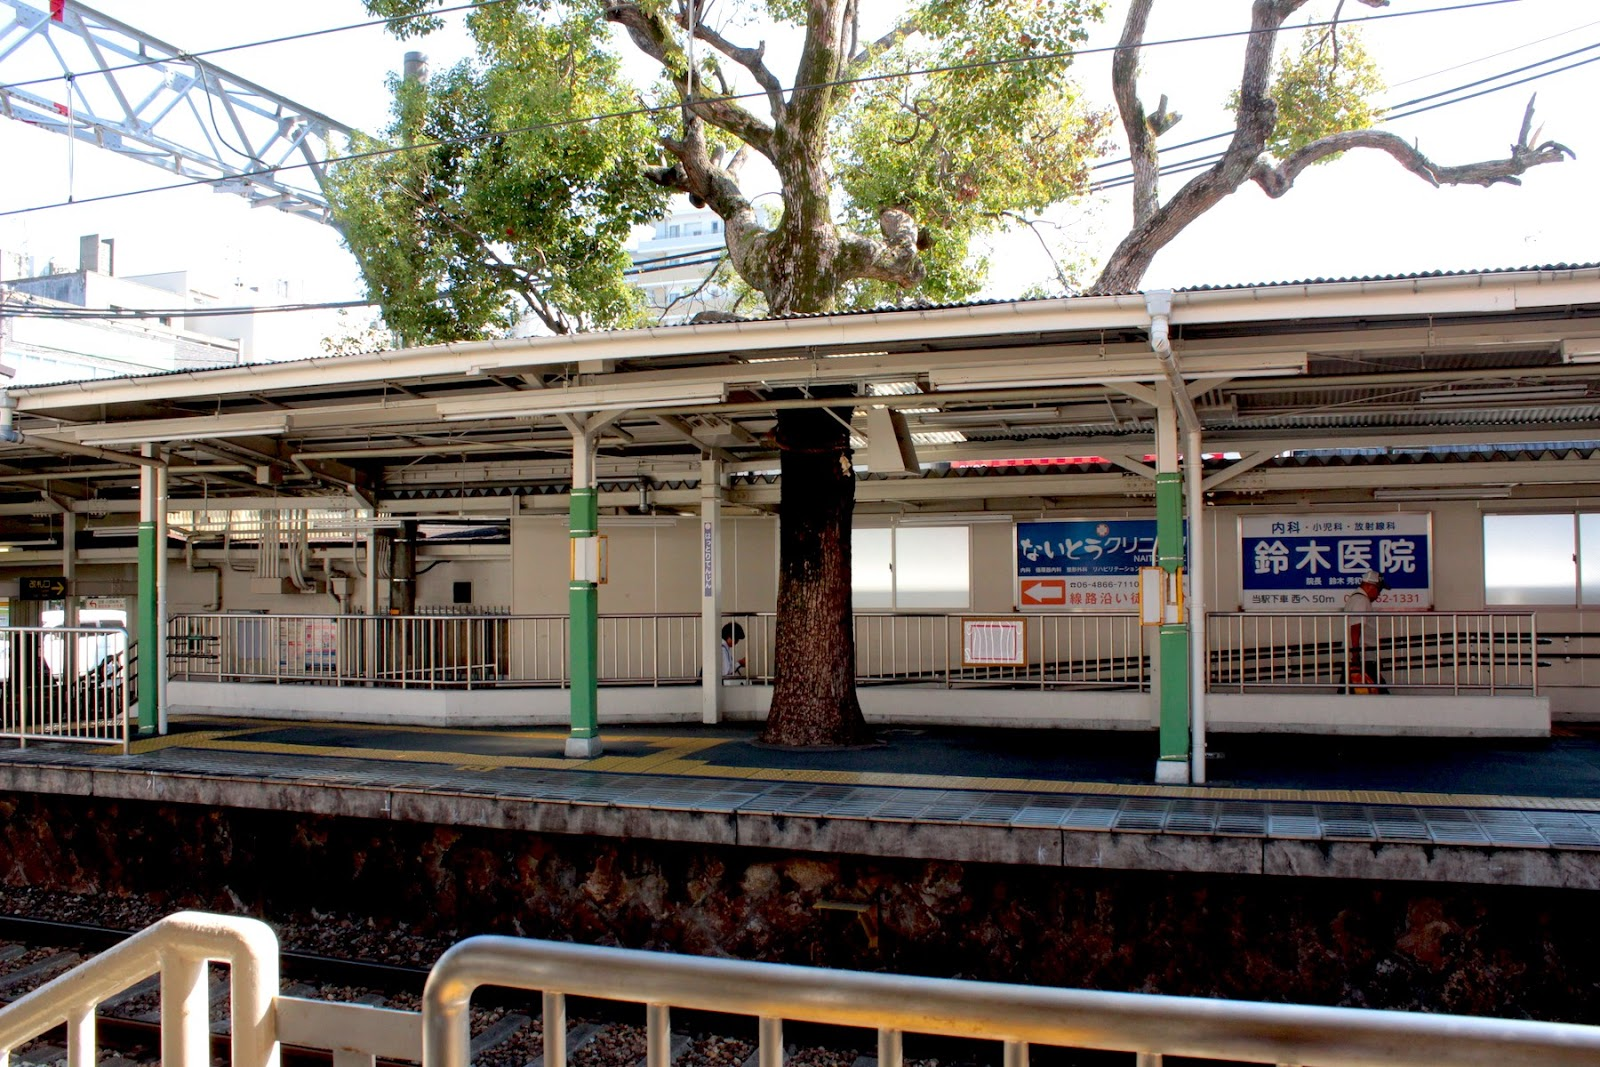 大阪にある御神木が残された駅?...